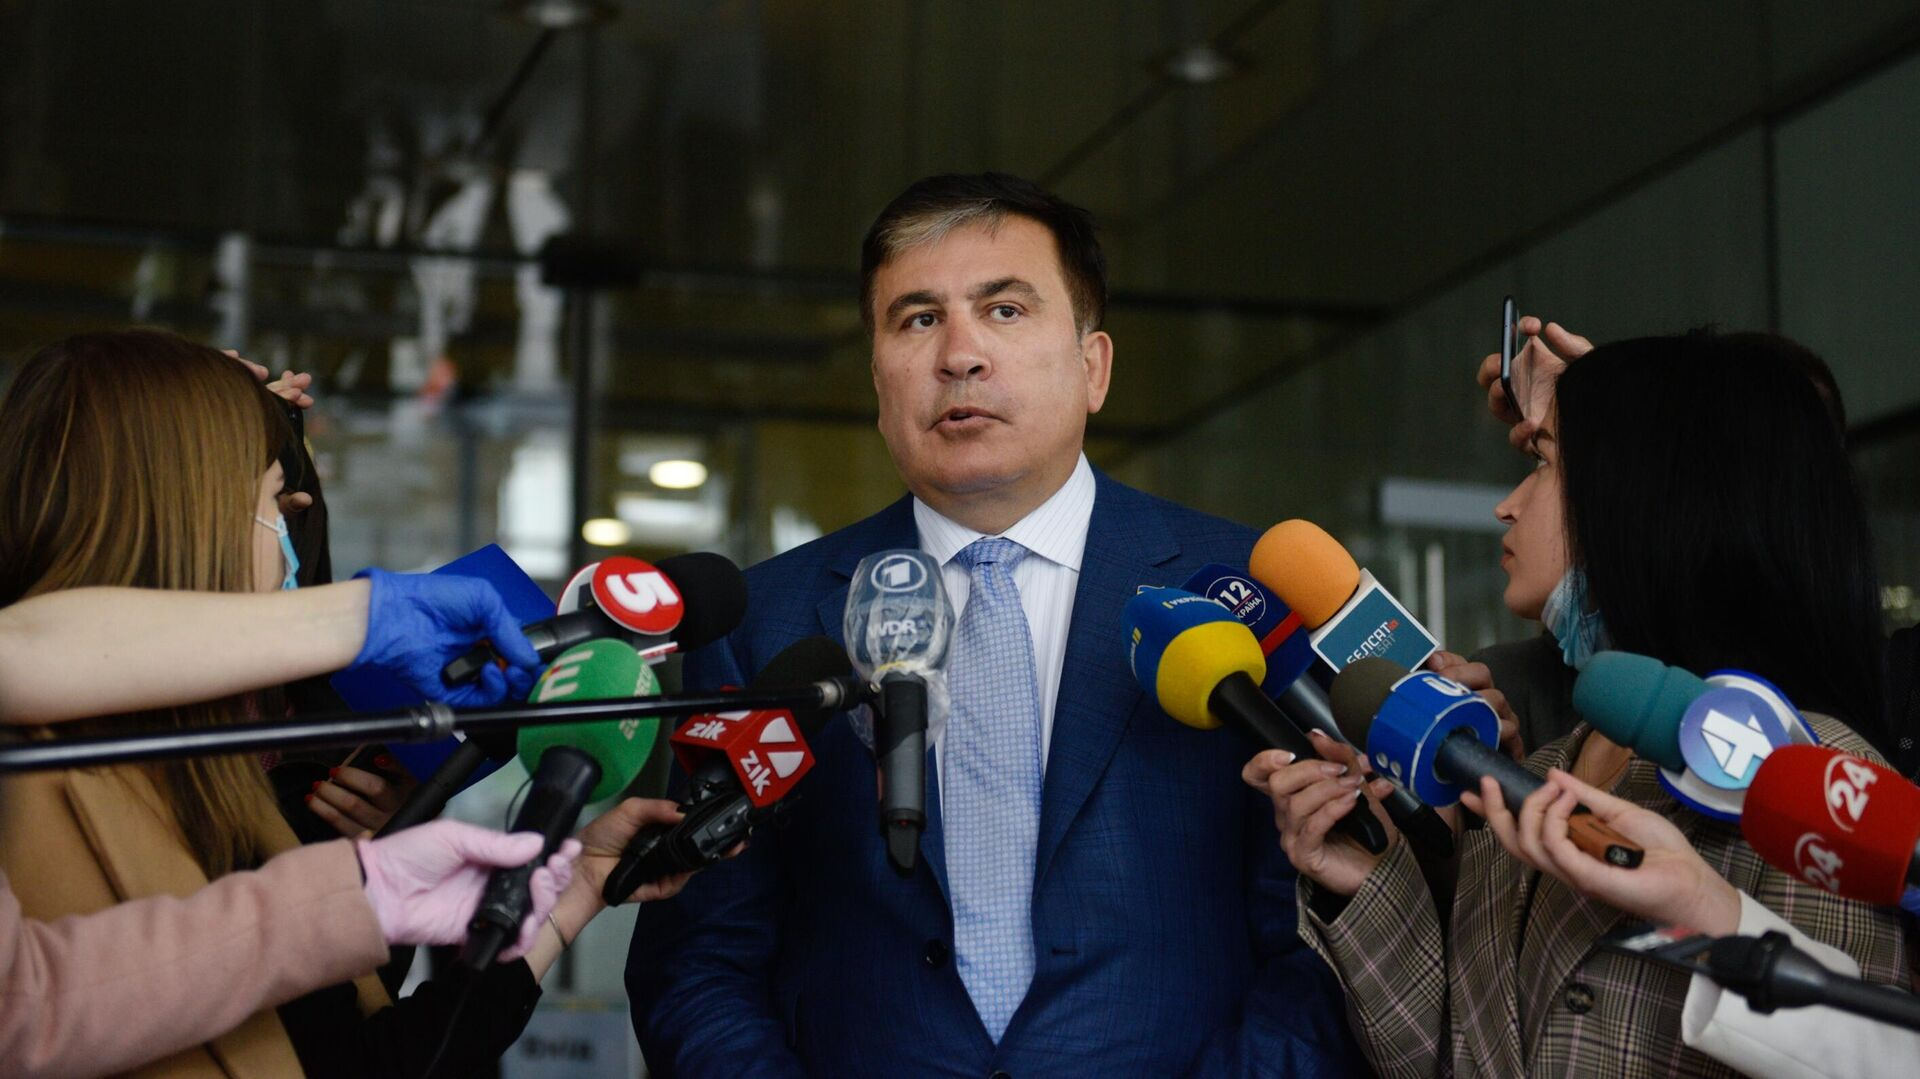 Михаил Саакашвили отвечает на вопросы журналистов перед началом встречи с депутатами фракции Слуга народа в Киеве - РИА Новости, 1920, 10.09.2021